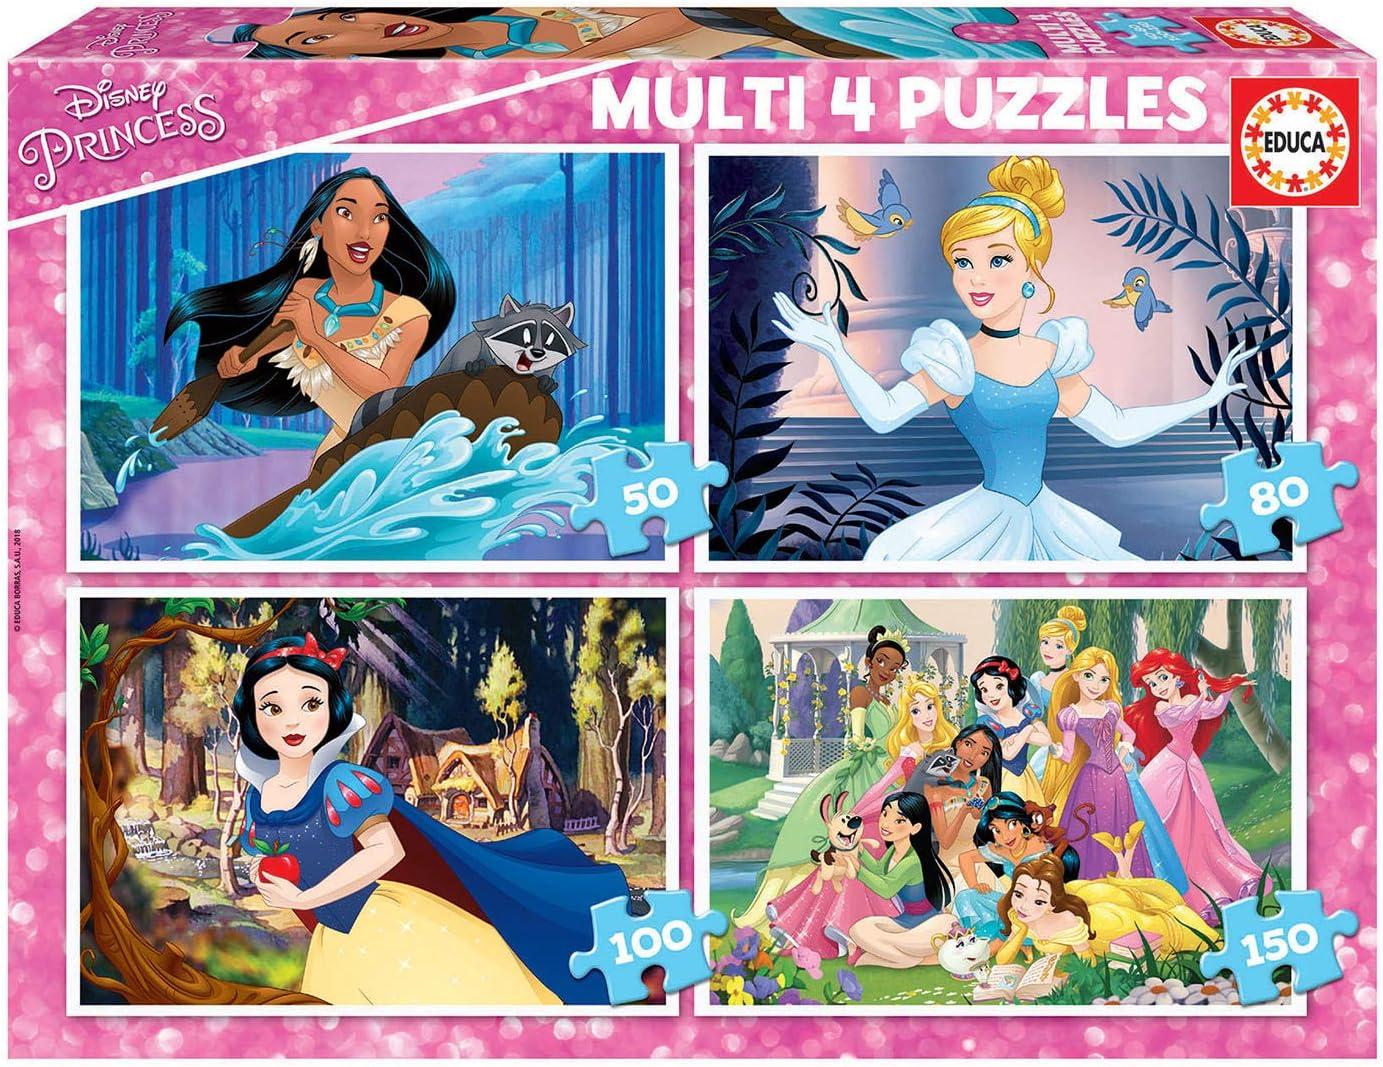 Educa - Multi 4 Puzzles Junior, puzzle infantil Disney Princess de 50,80,100 y 150 piezas, a partir de 5 años (17637)